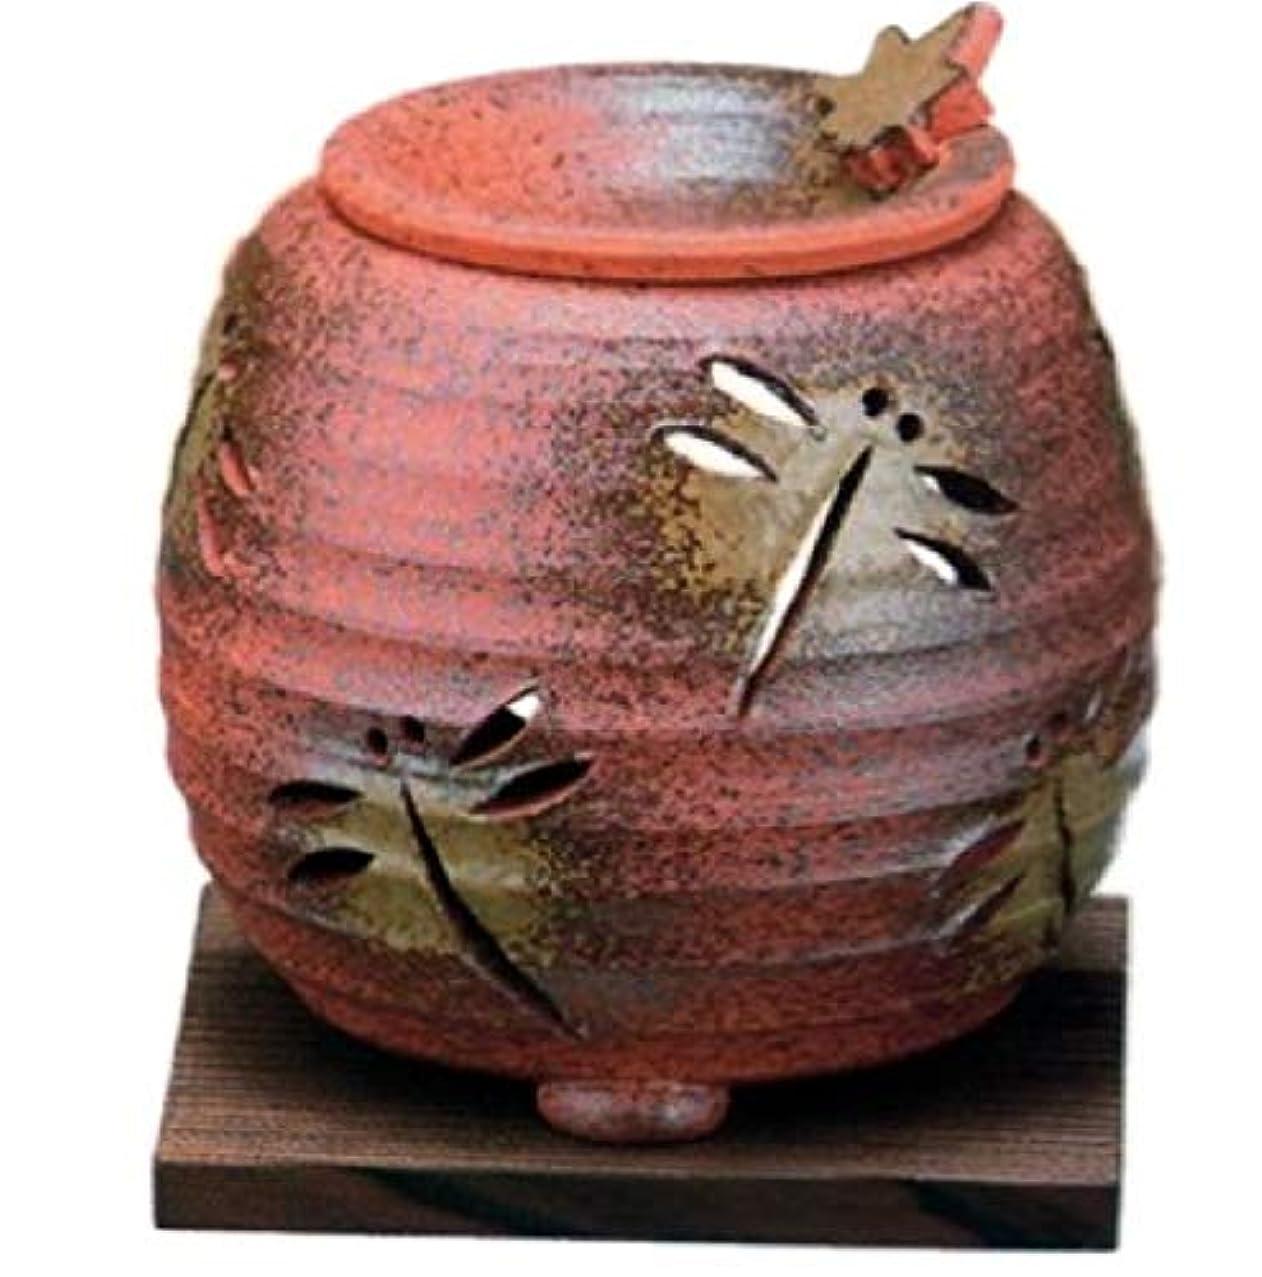 ために台風枯渇する常滑焼?石龍窯 カ38-07 茶香炉 トンボ 焼杉板付 約φ11×11cm